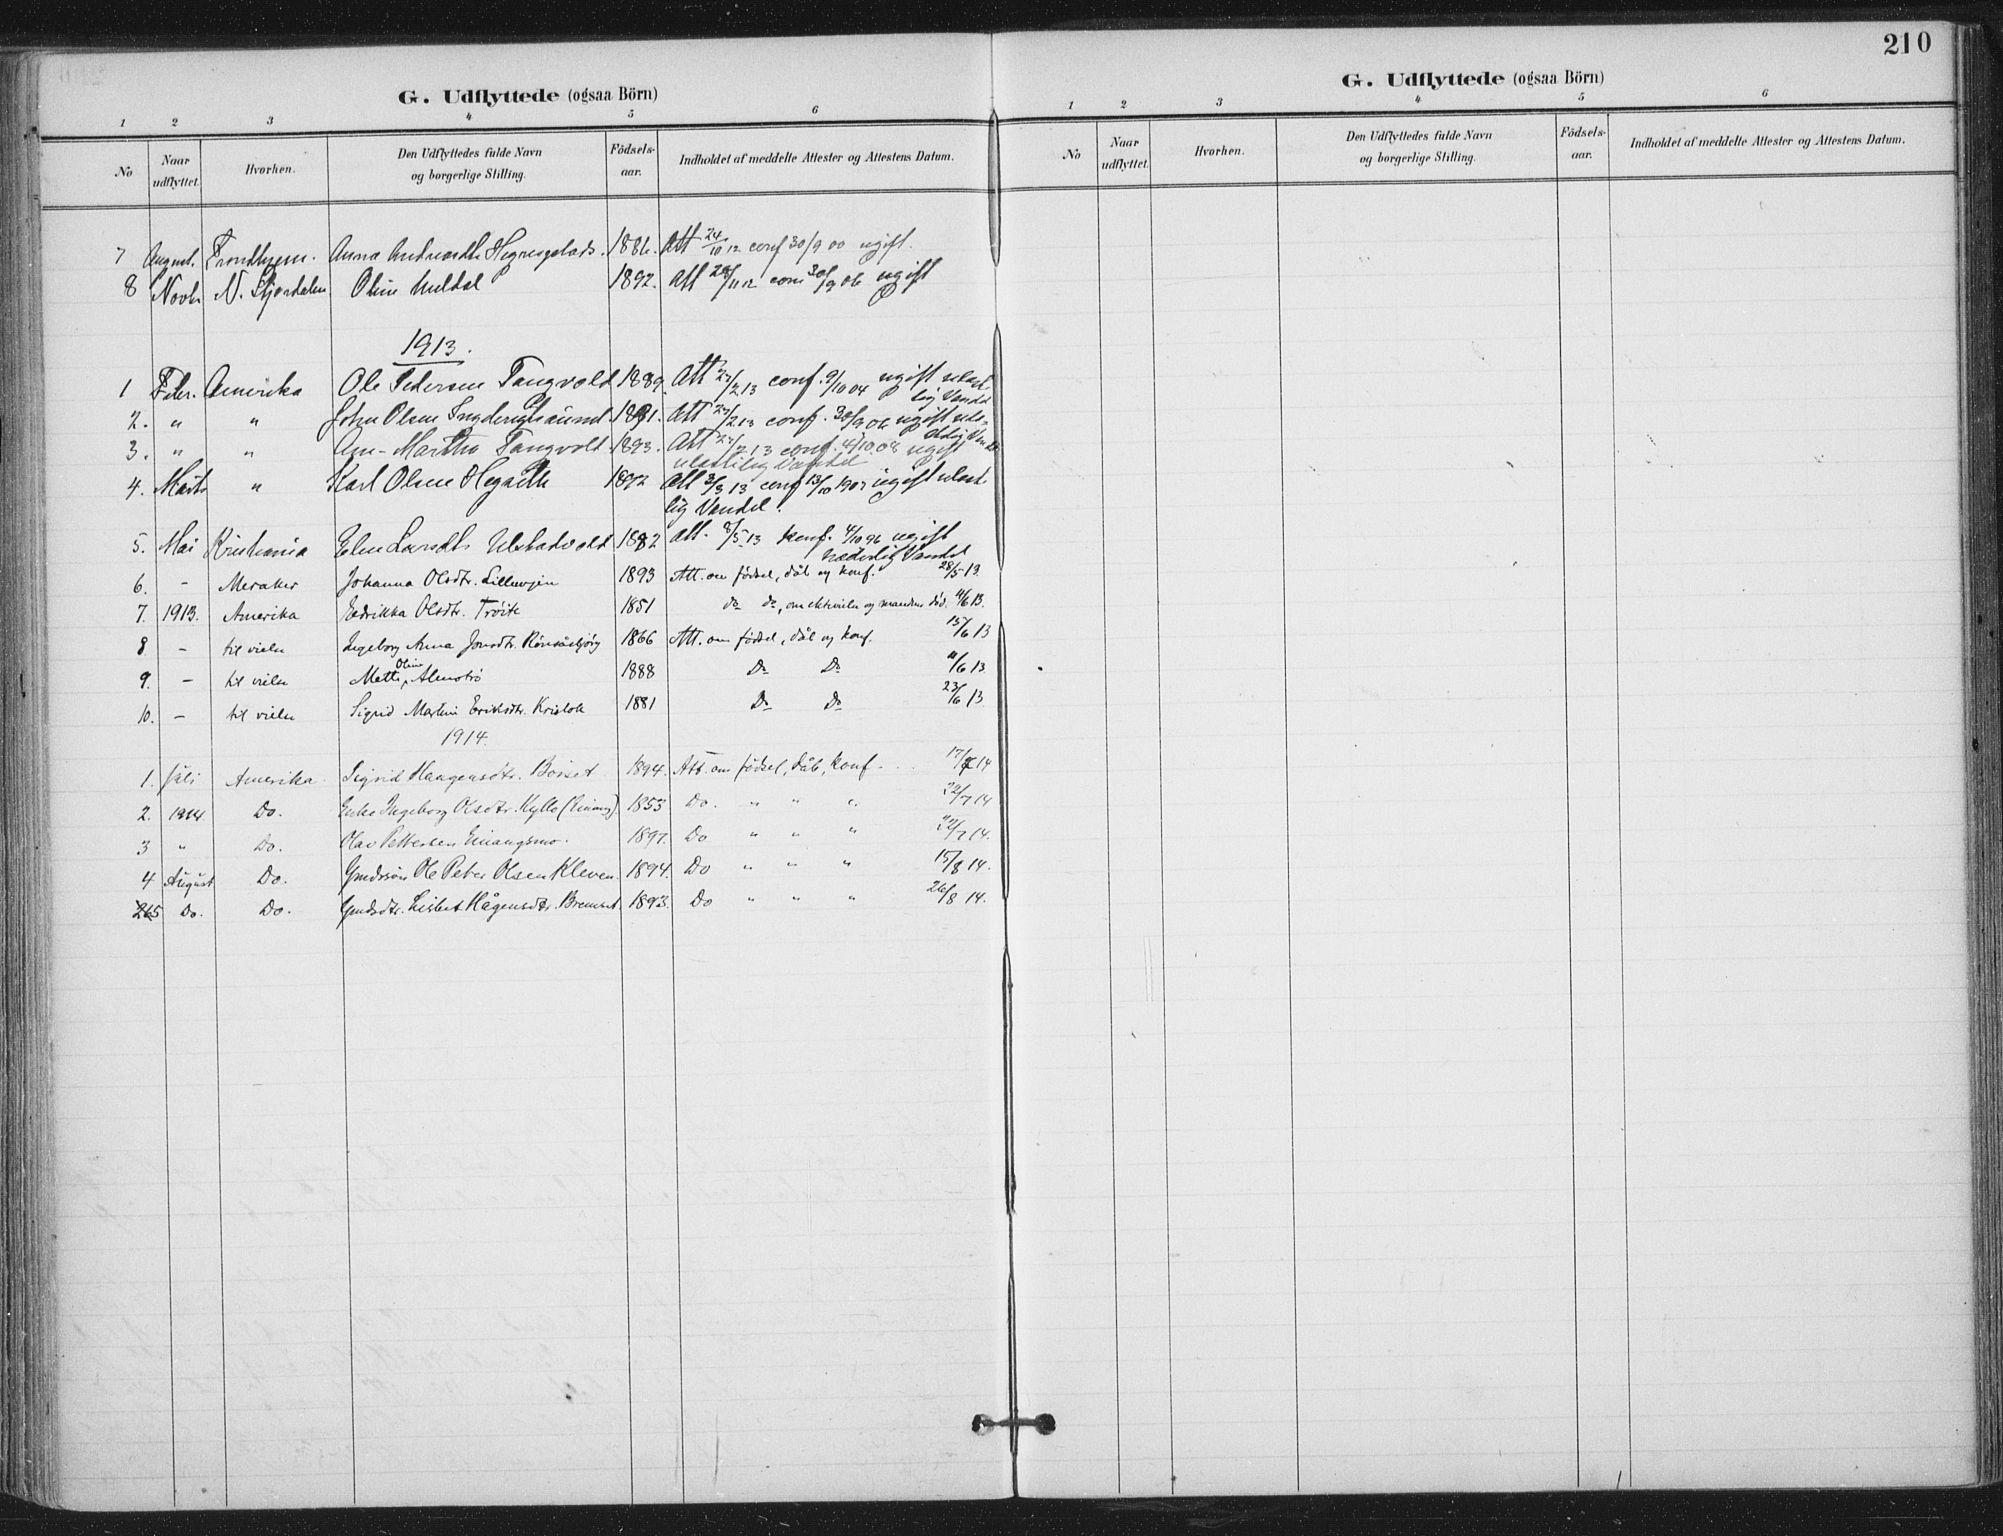 SAT, Ministerialprotokoller, klokkerbøker og fødselsregistre - Nord-Trøndelag, 703/L0031: Ministerialbok nr. 703A04, 1893-1914, s. 210